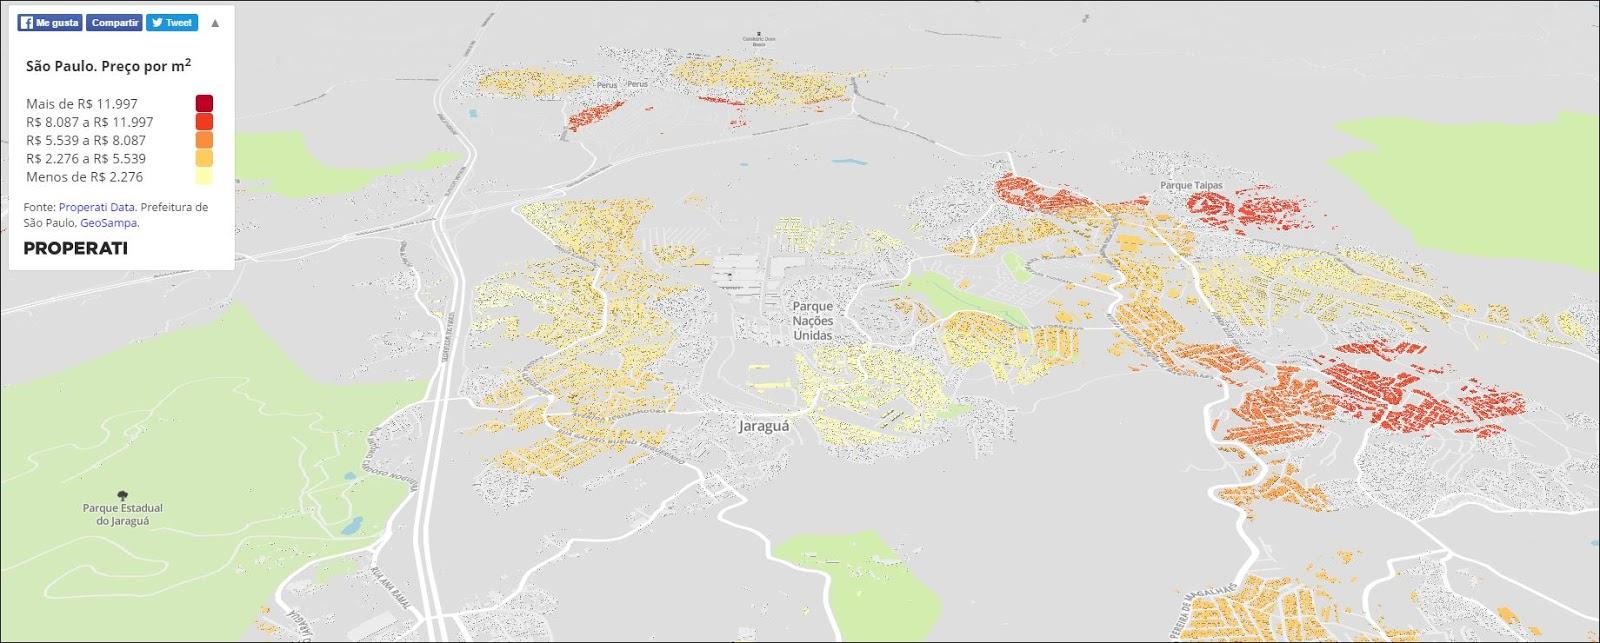 Recorte do mapa online da Properati. Clique sobre o mapa para ampliar ou acesse o Mapa Interativo completo. Imagem: Properati